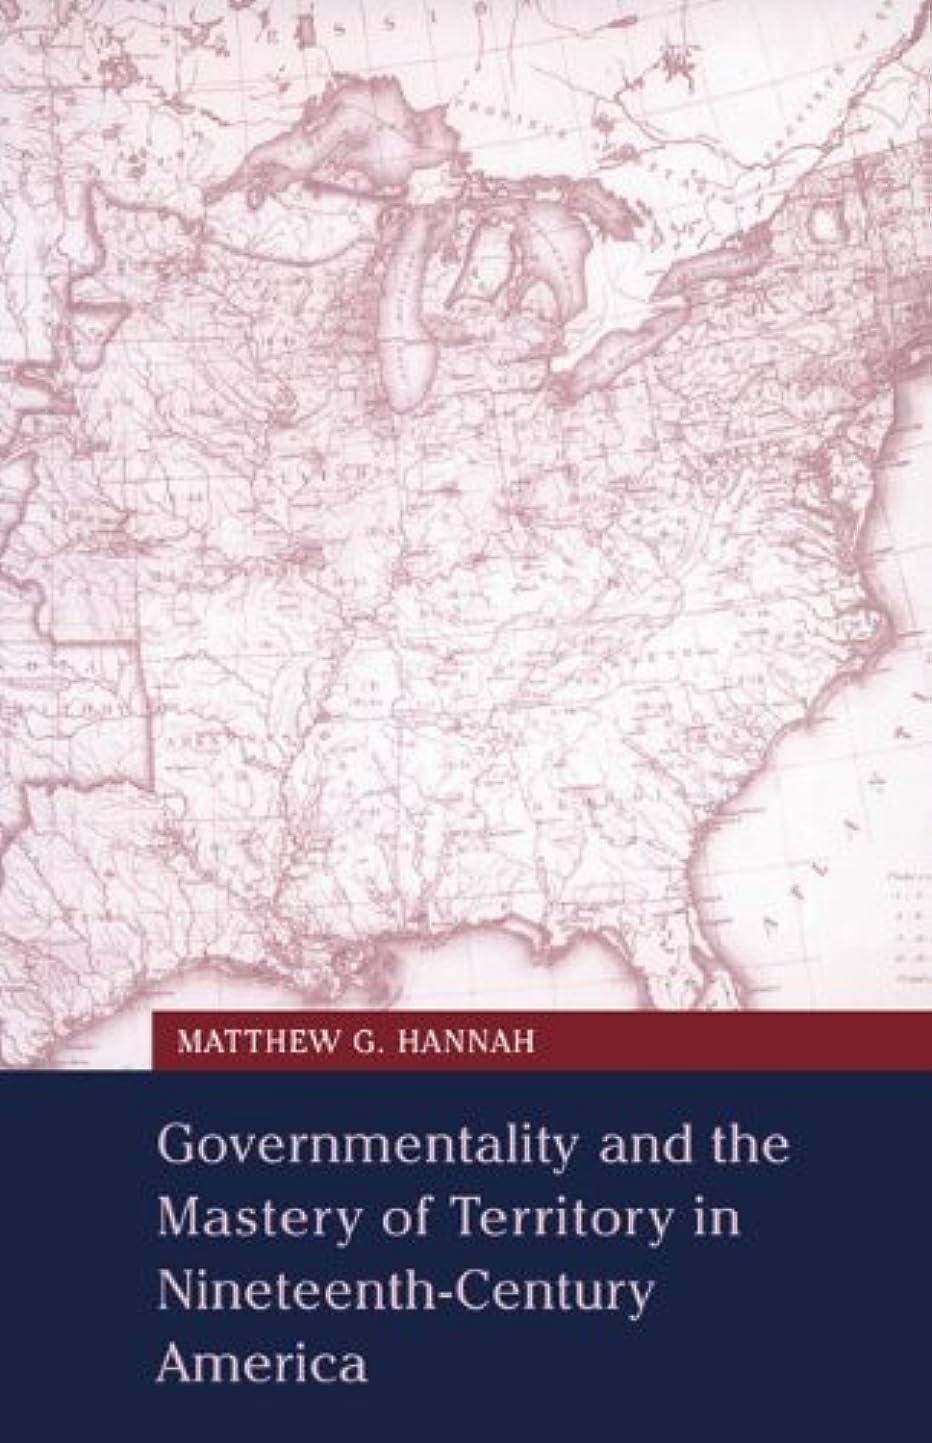 苦味質量レンダリングGovernmentality and the Mastery of Territory in Nineteenth-Century America (Cambridge Studies in Historical Geography Book 32) (English Edition)